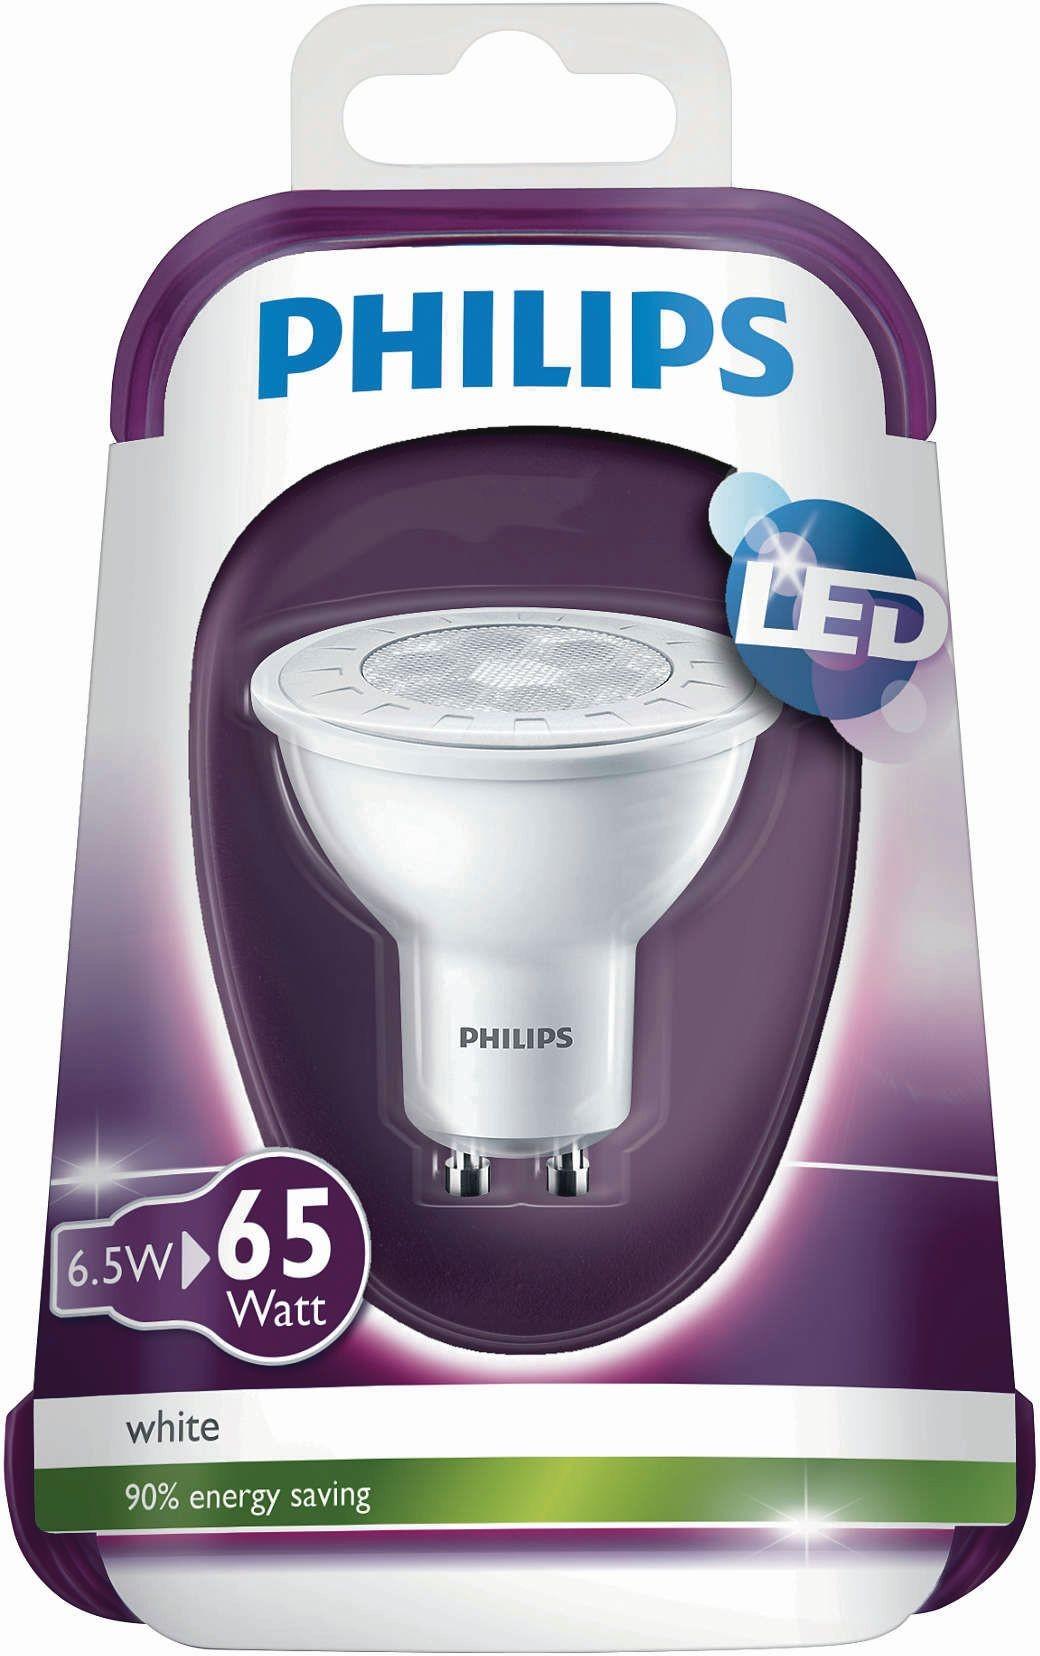 Philips illuminazione tutto su ispirazione design casa - Philips illuminazione casa ...